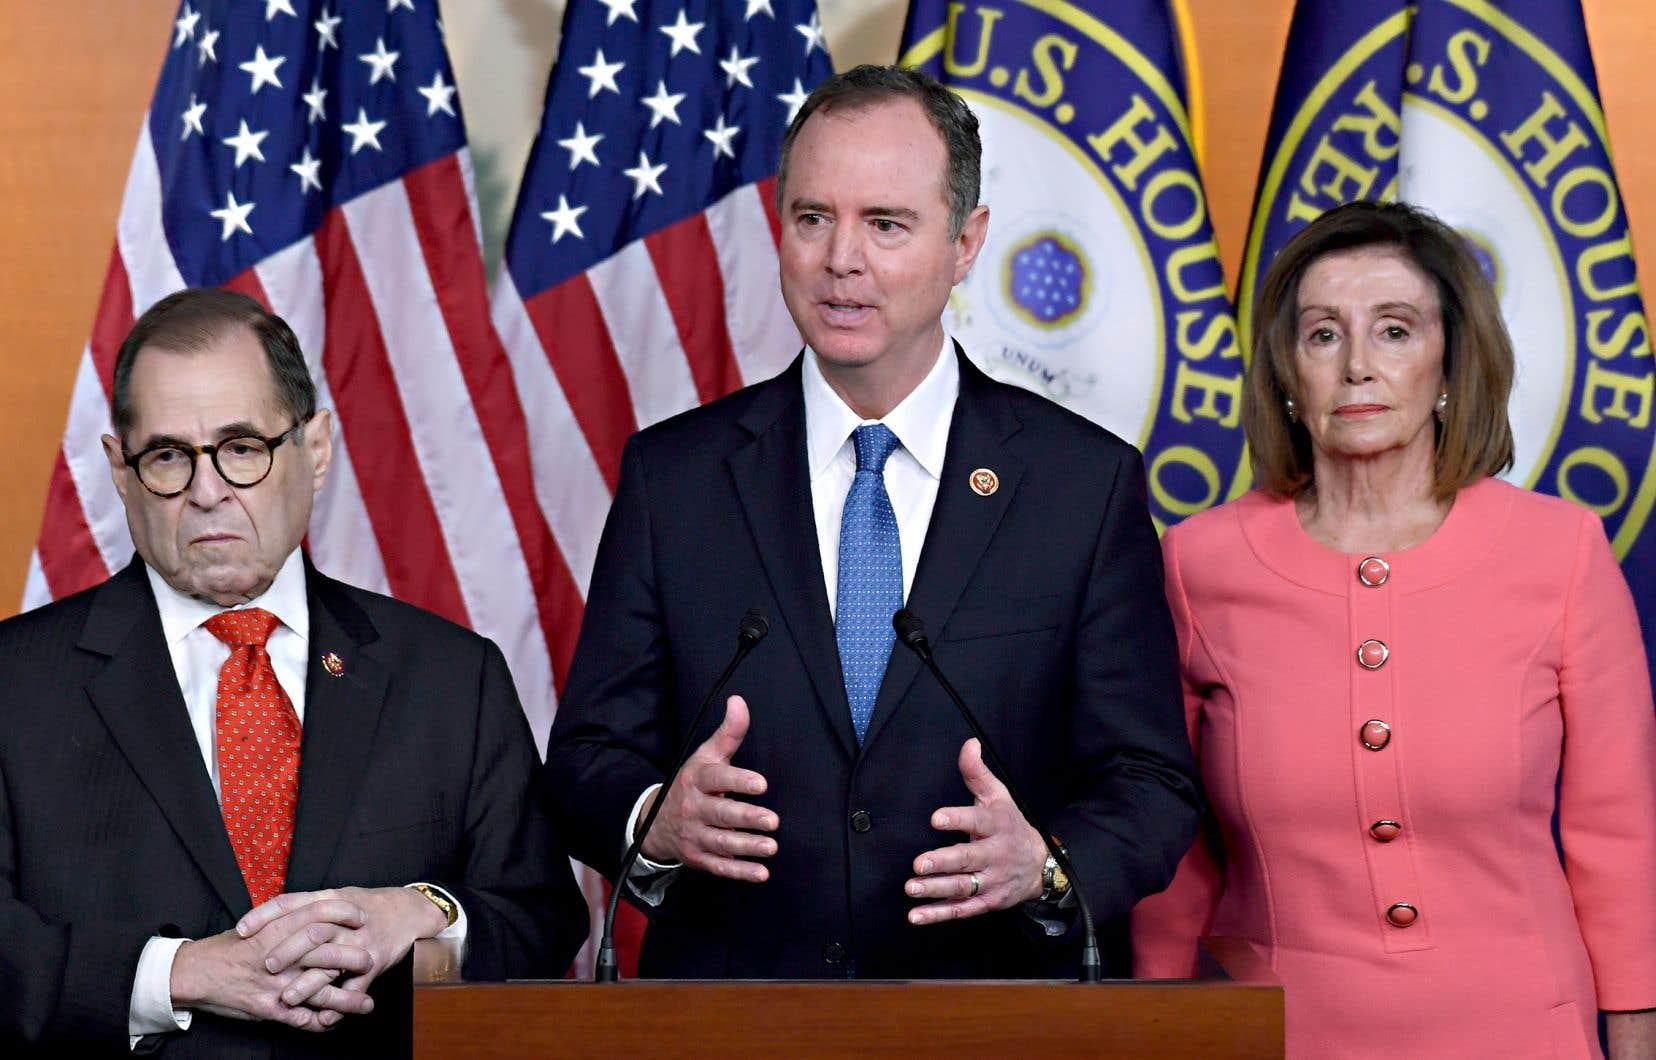 Les démocrates Jerrold Nadler et Adam Schiff, deux ennemis jurés de Donald Trump, feront partie de l'équipe de procureurs au procès de destitution de Donald Trump, a annoncé mercredi la présidente de la Chambre des représentants, Nancy Pelosi.